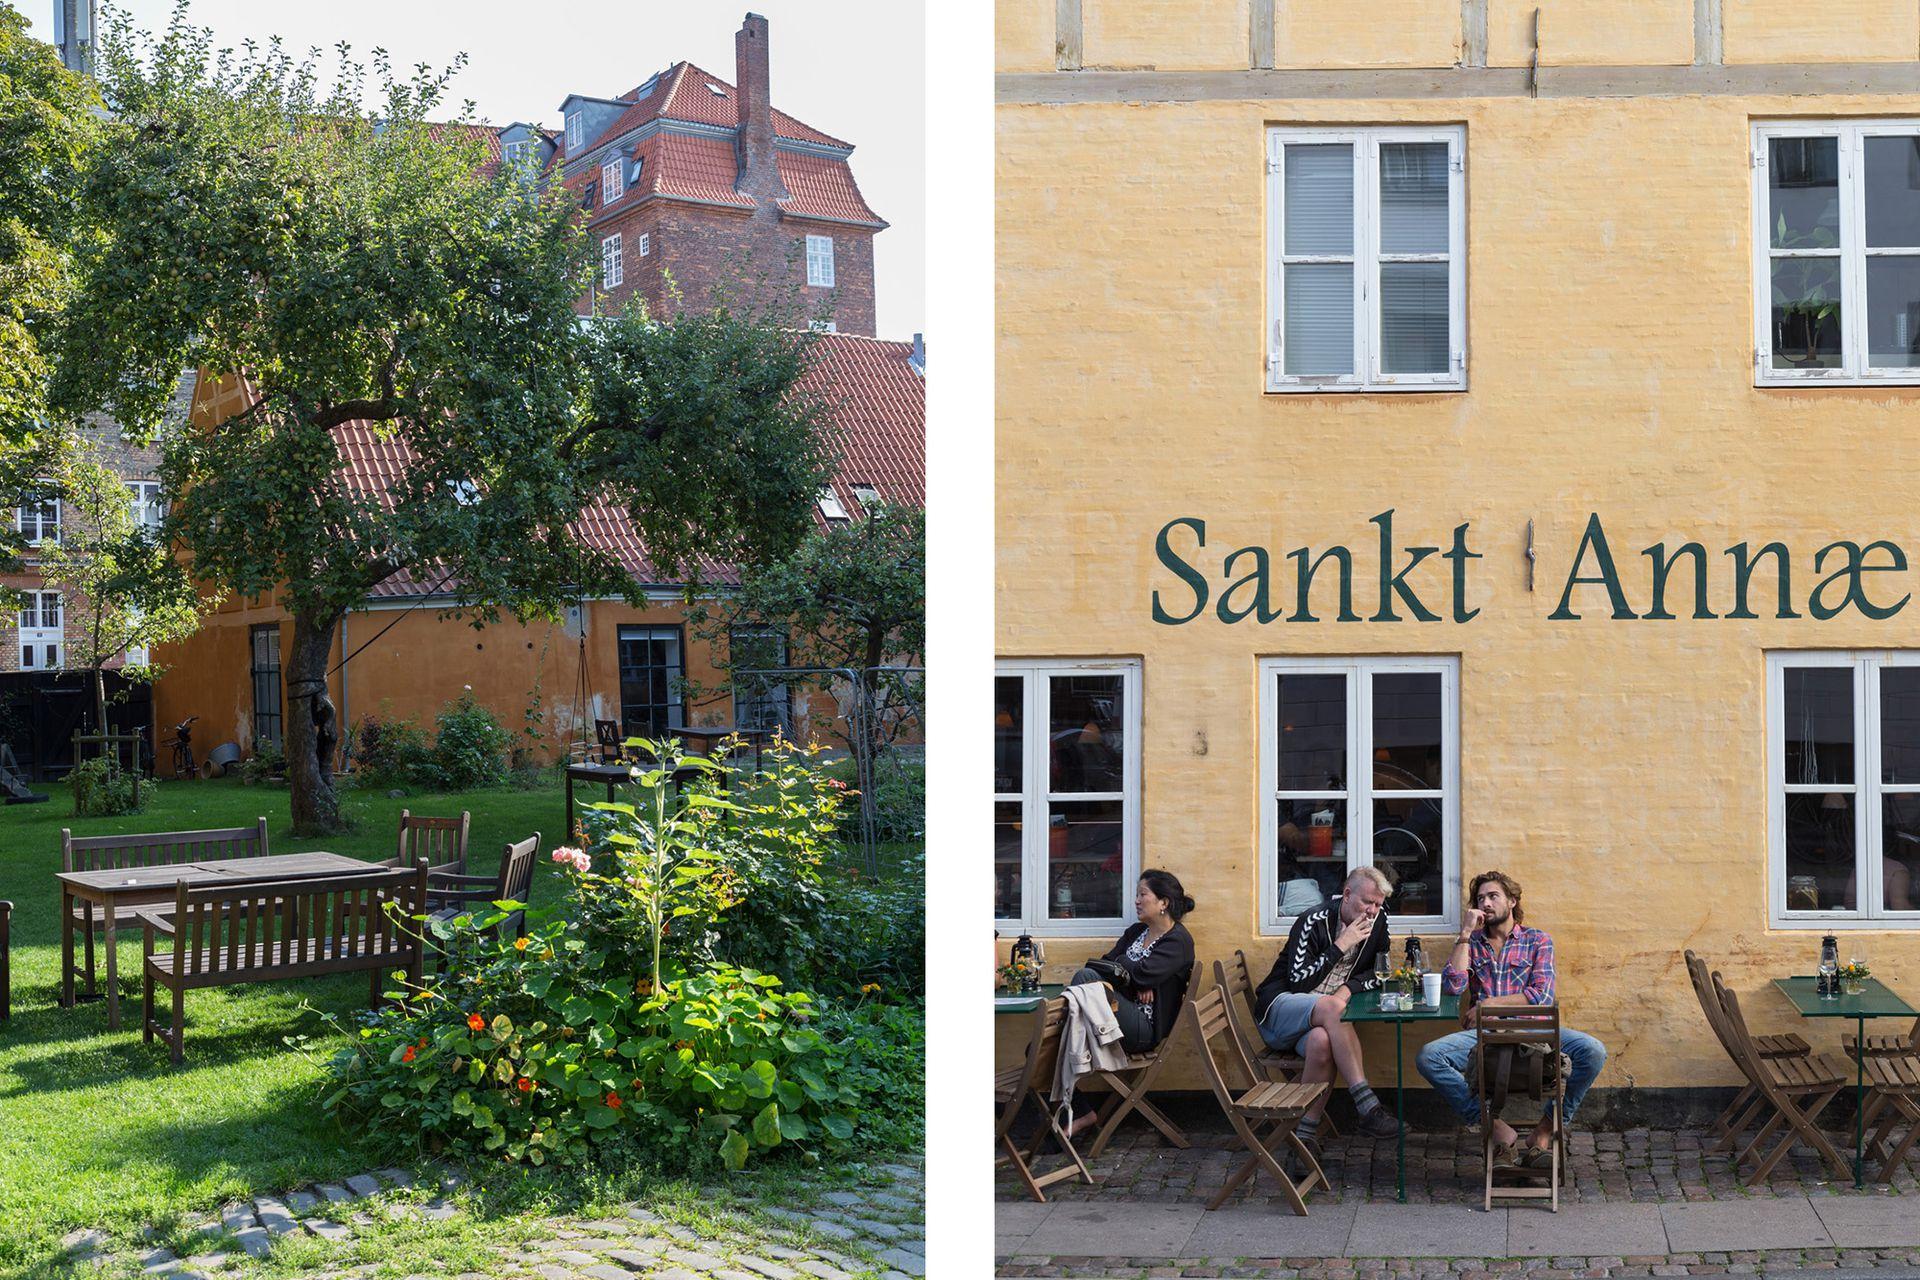 A la vuelta de casa, el pequeño restaurante Sankt Annae fue otra de las recomendaciones generosas, probadas y acertadísimas que nos dieron Nilaus y Marie-Louise.